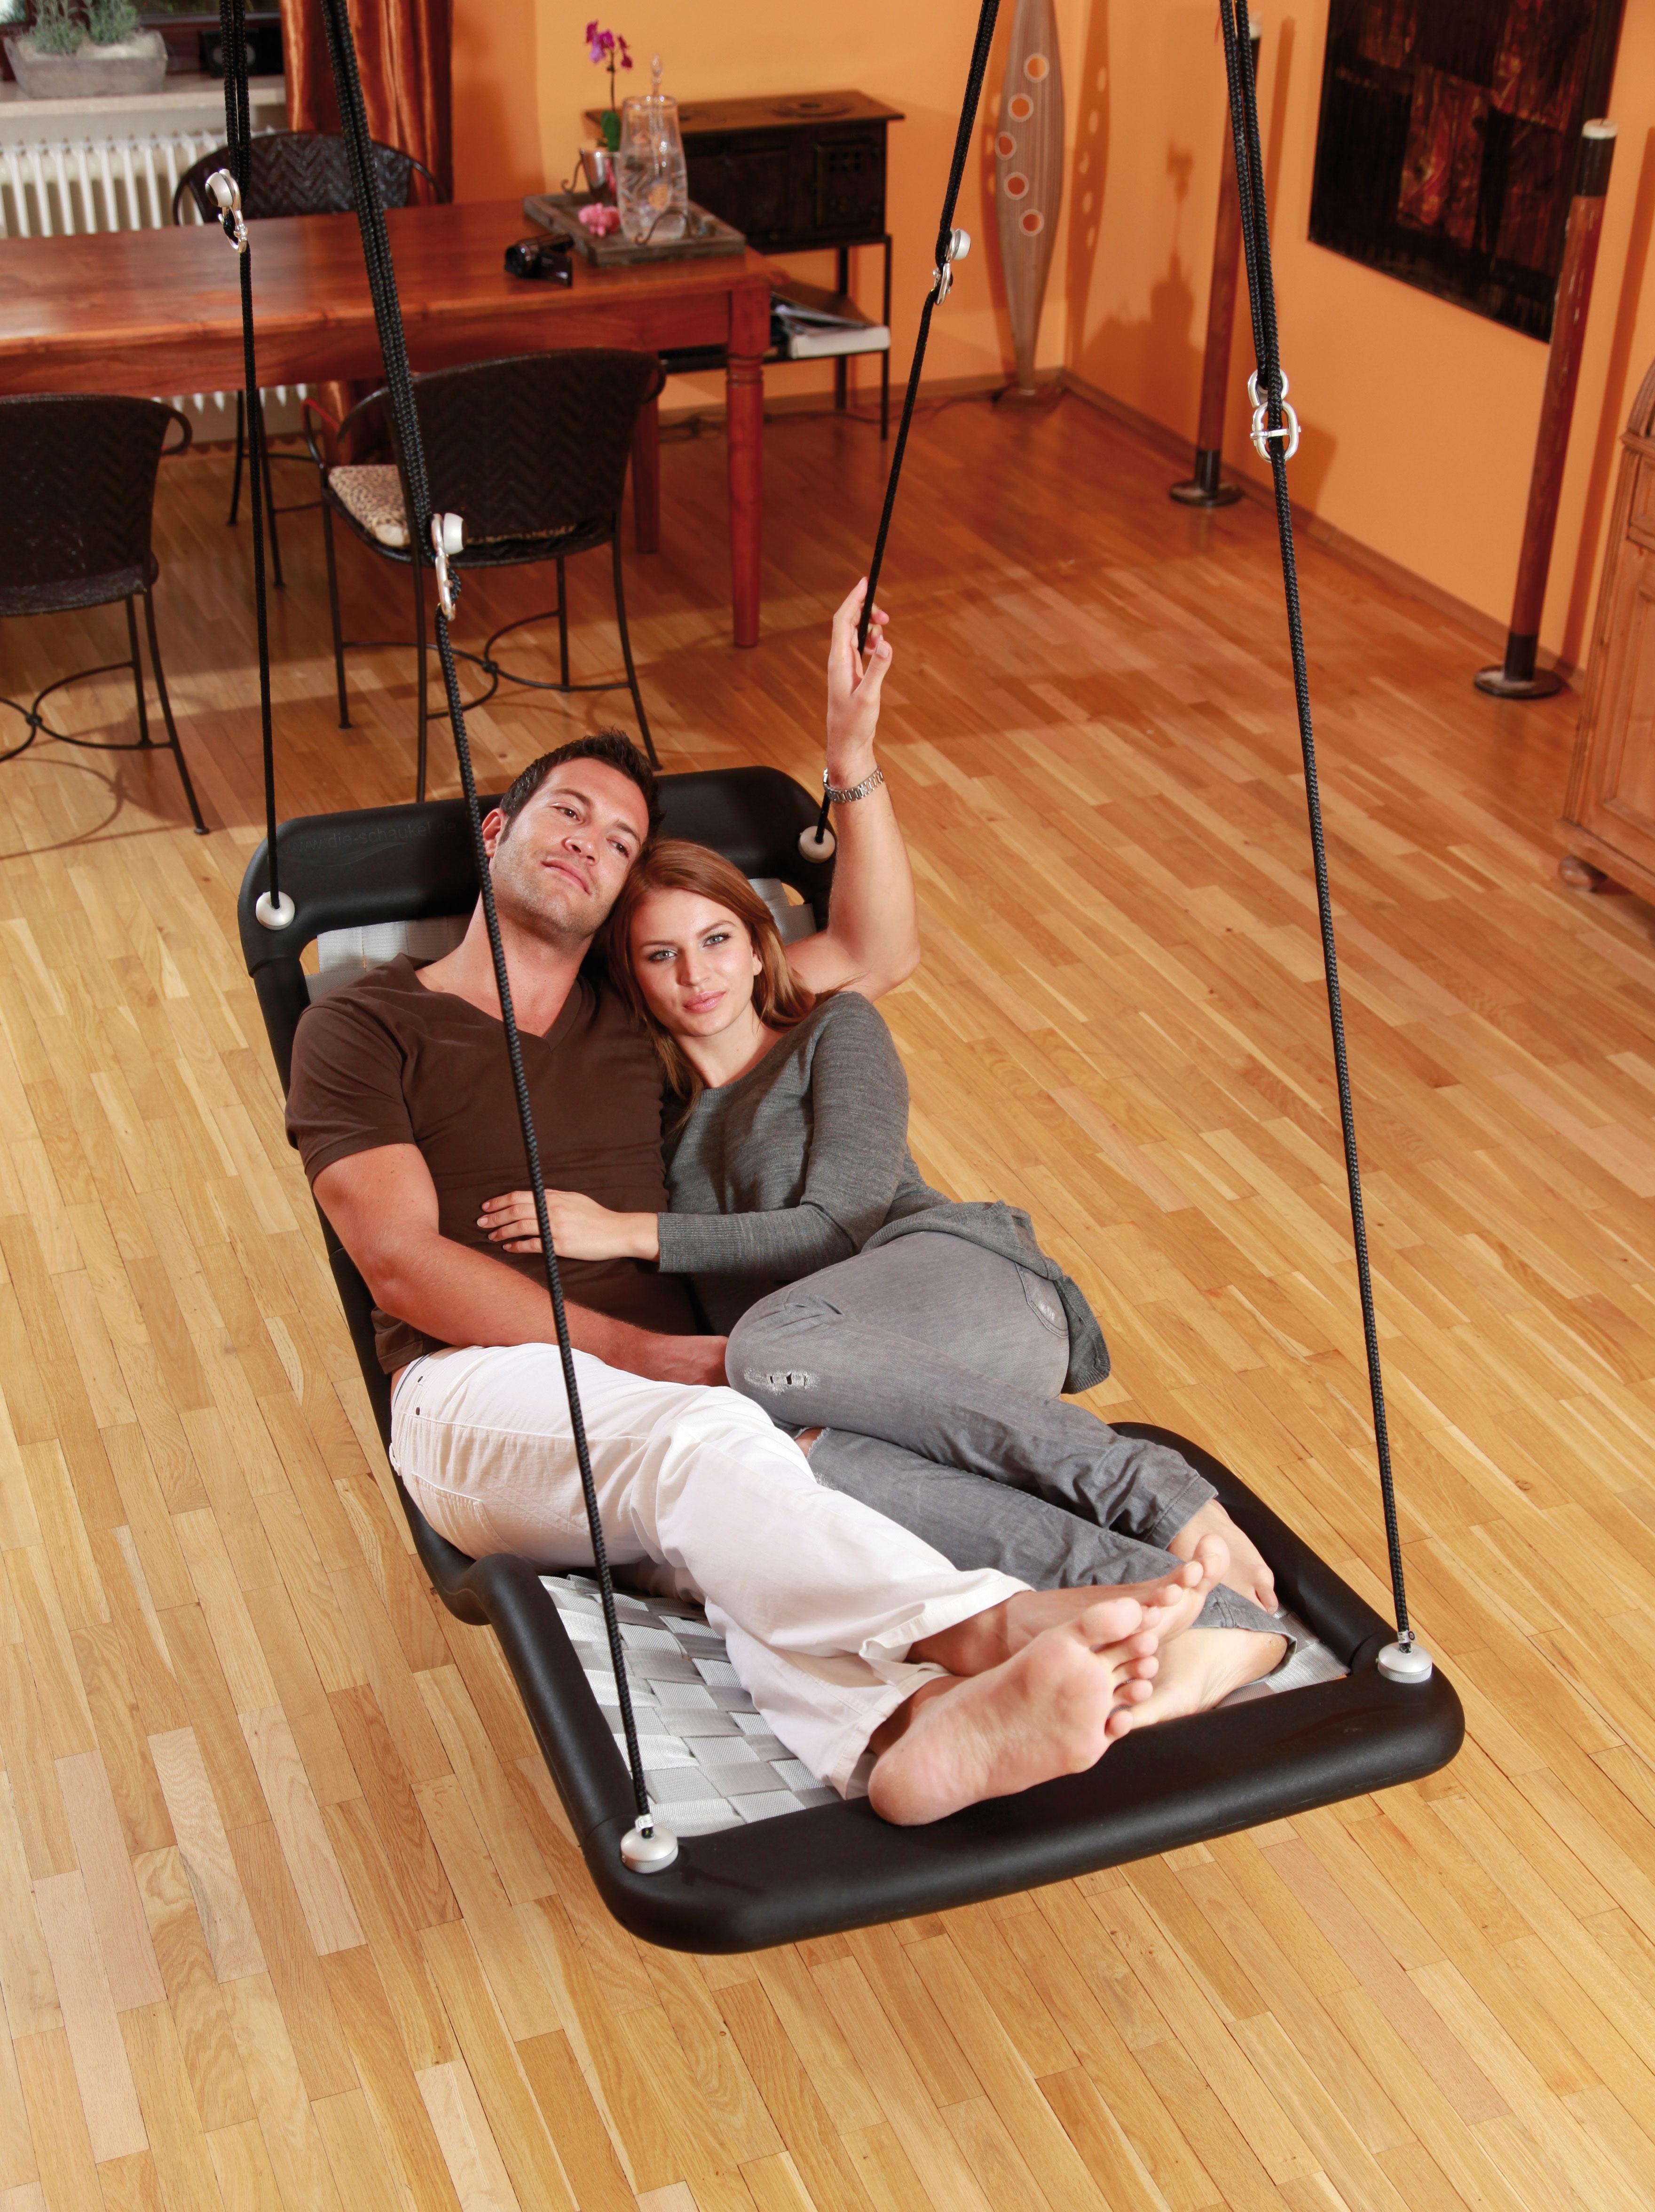 schaukel f r erwachsene dreamlinerplus xl silber. Black Bedroom Furniture Sets. Home Design Ideas